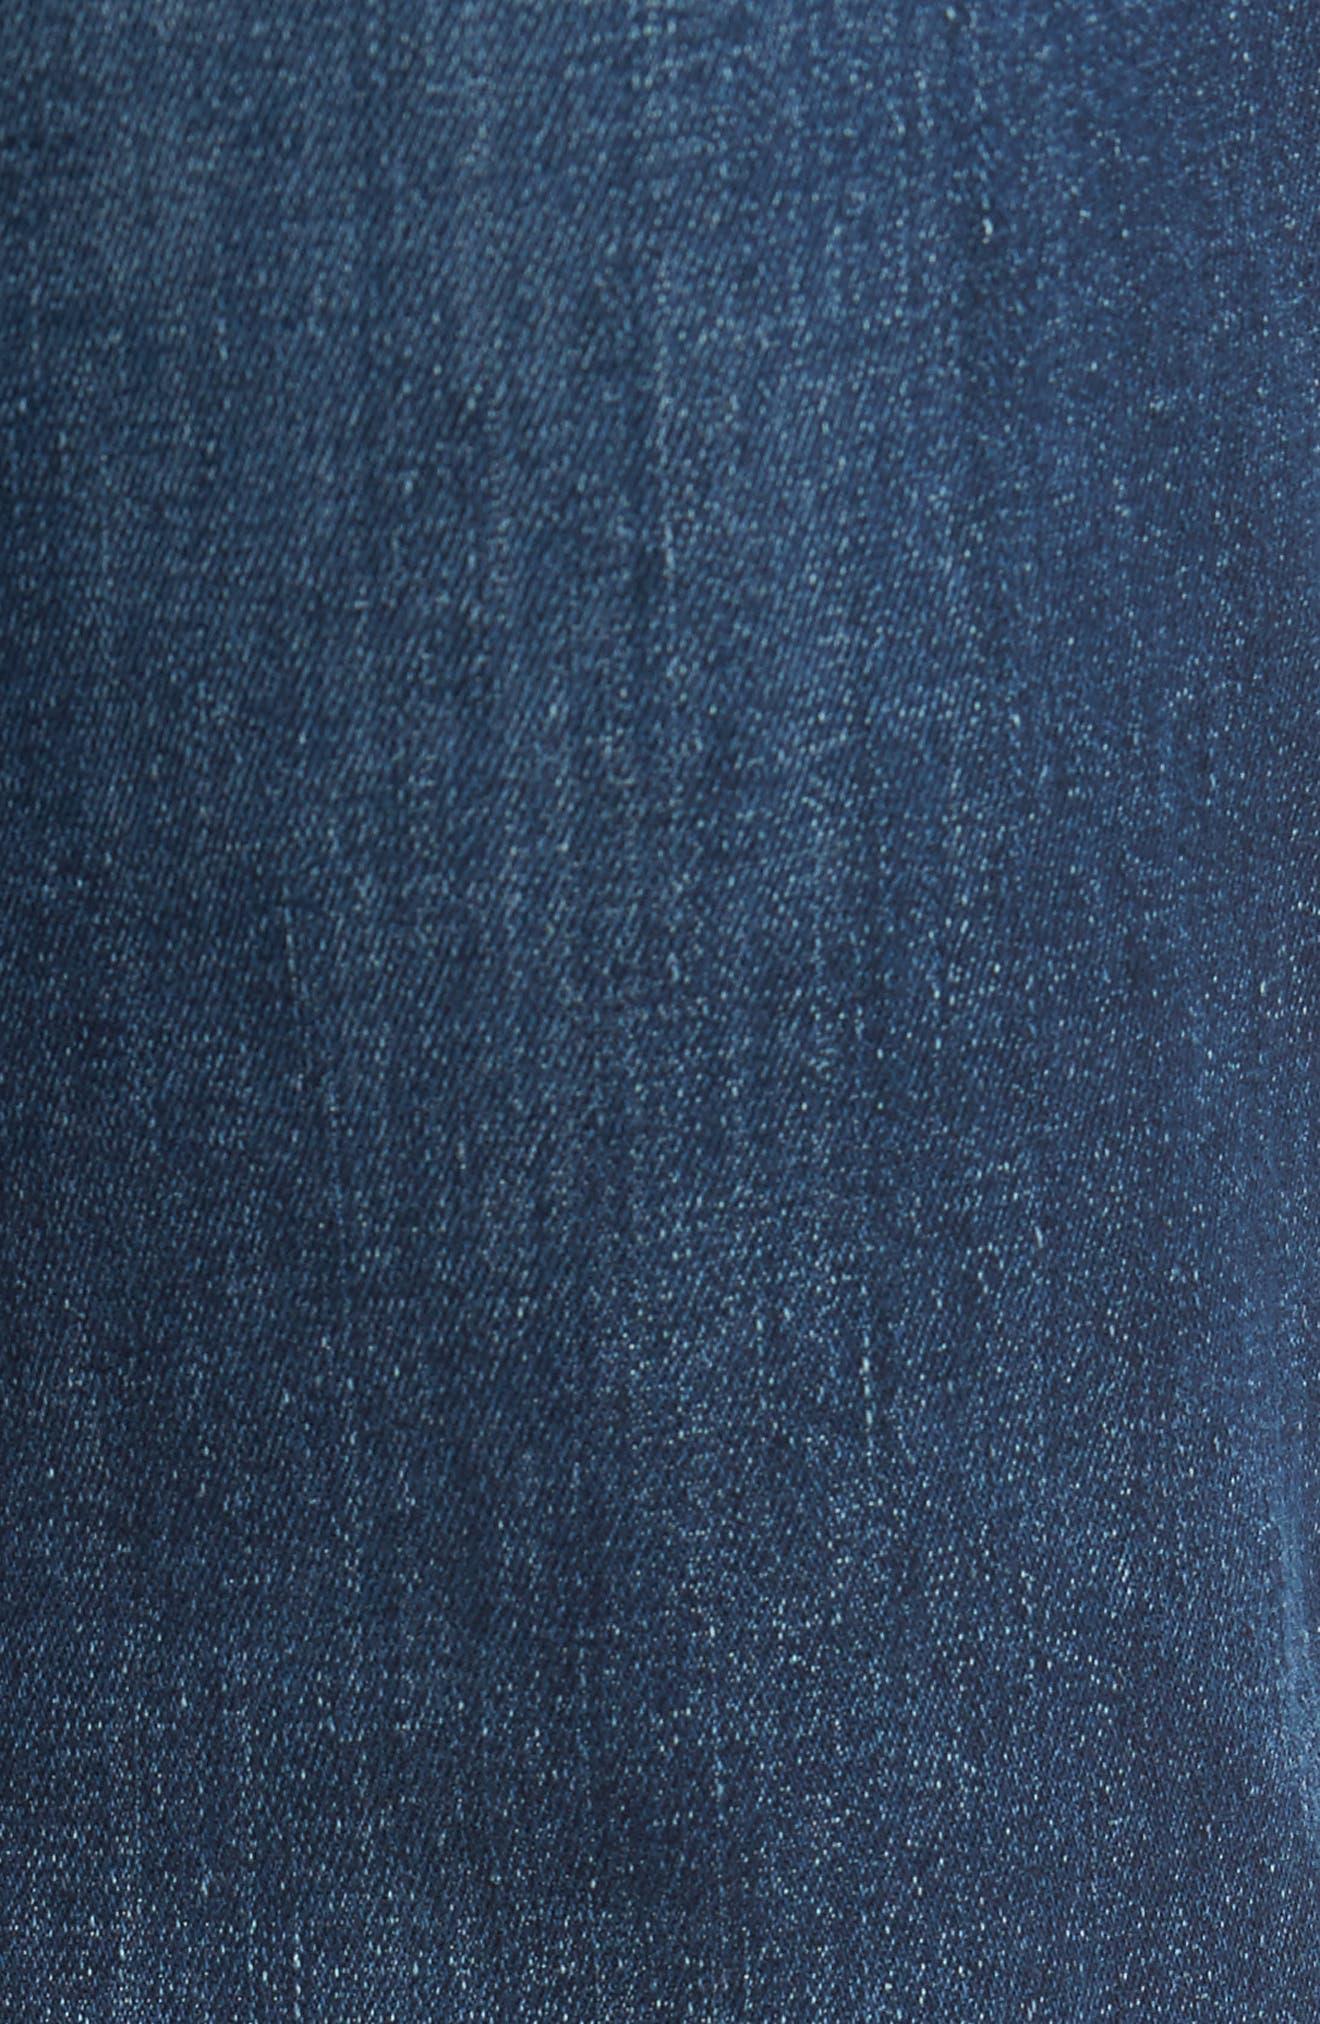 Adrien Slim Fit Jeans,                             Alternate thumbnail 5, color,                             402